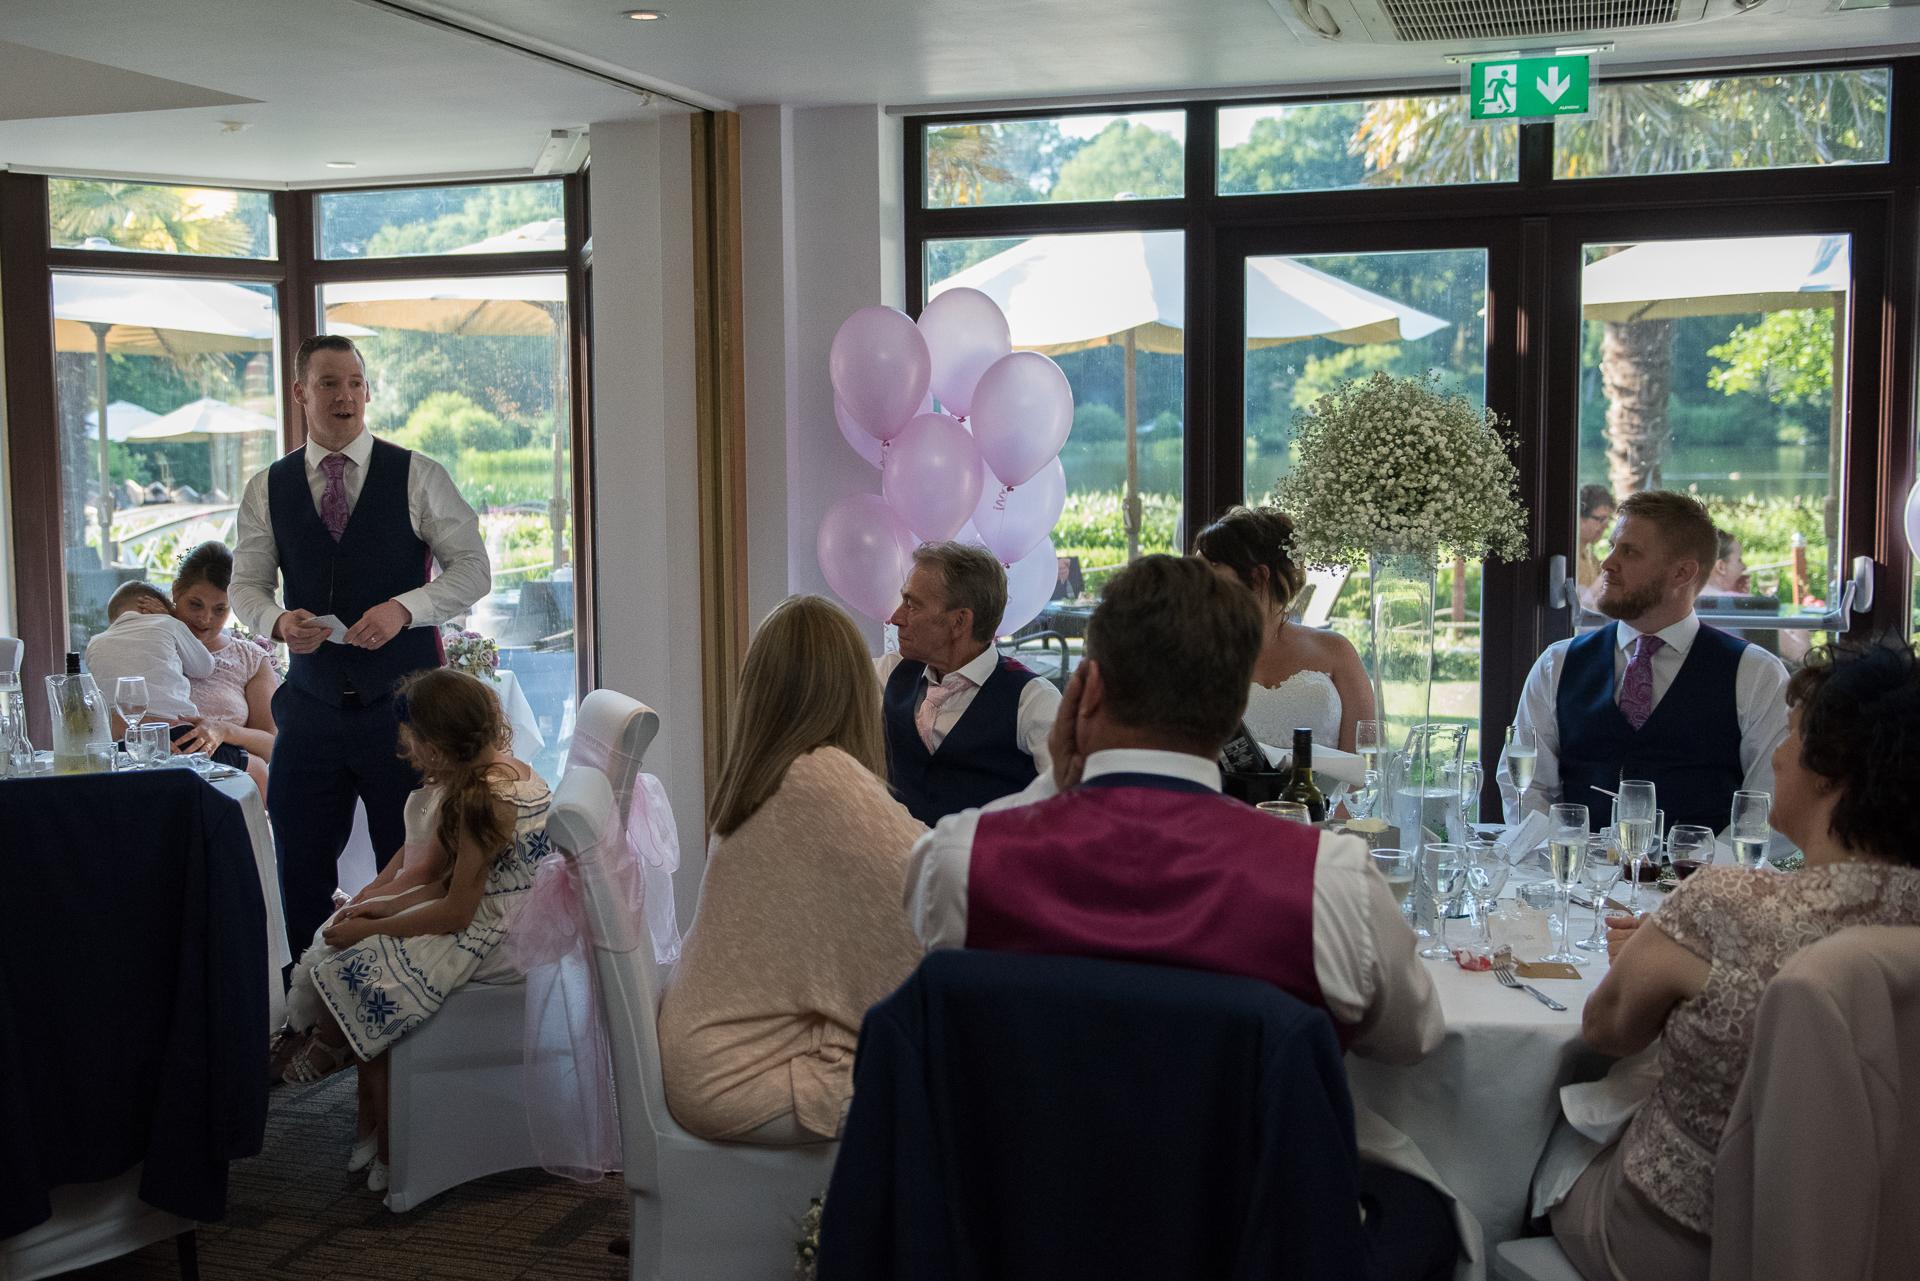 Frensham-Pond-Hotel-wedding_63.JPG